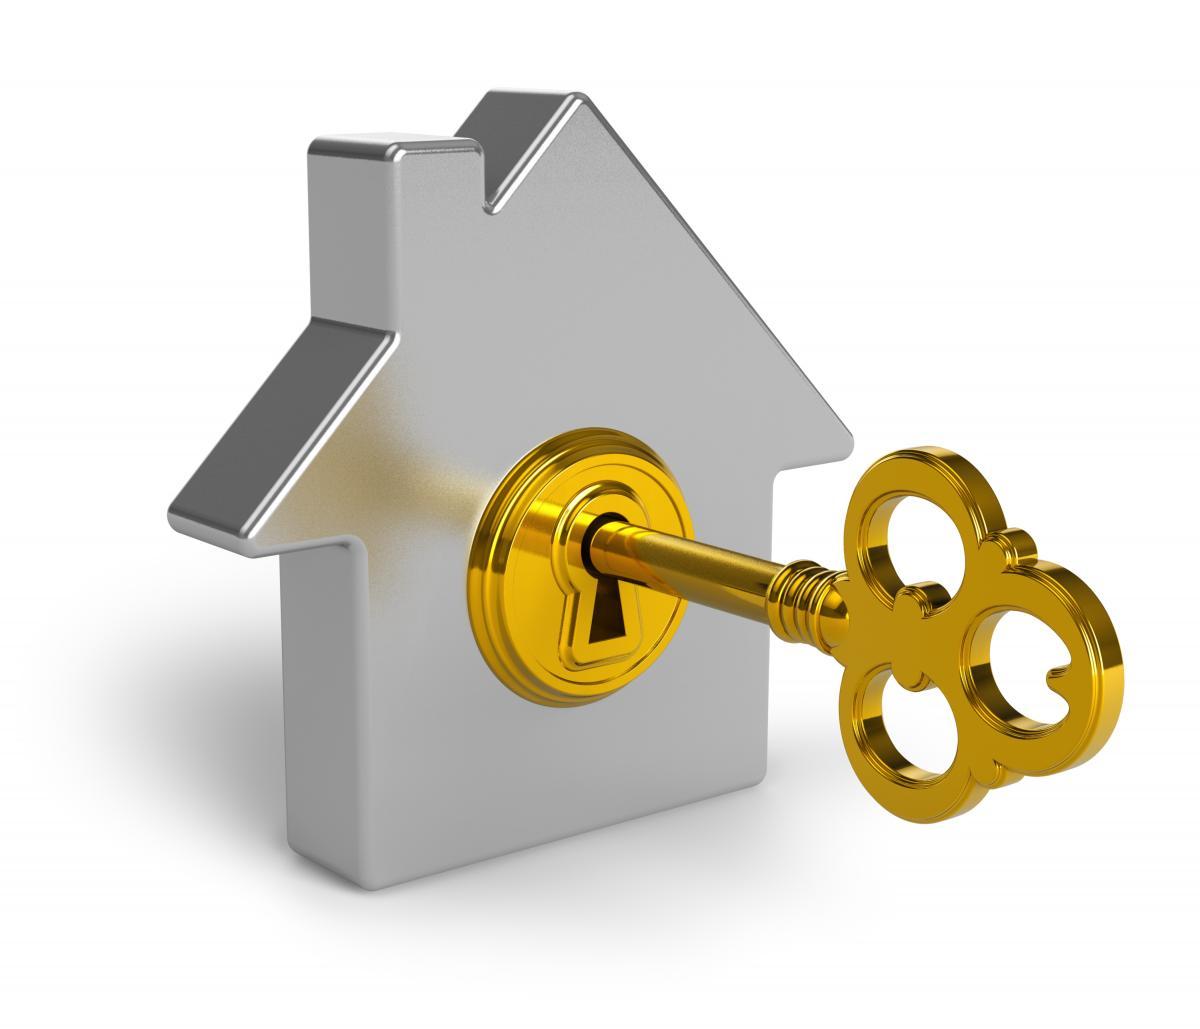 Immobilier : palmarès du pouvoir d'achat dans 20 grandes villes